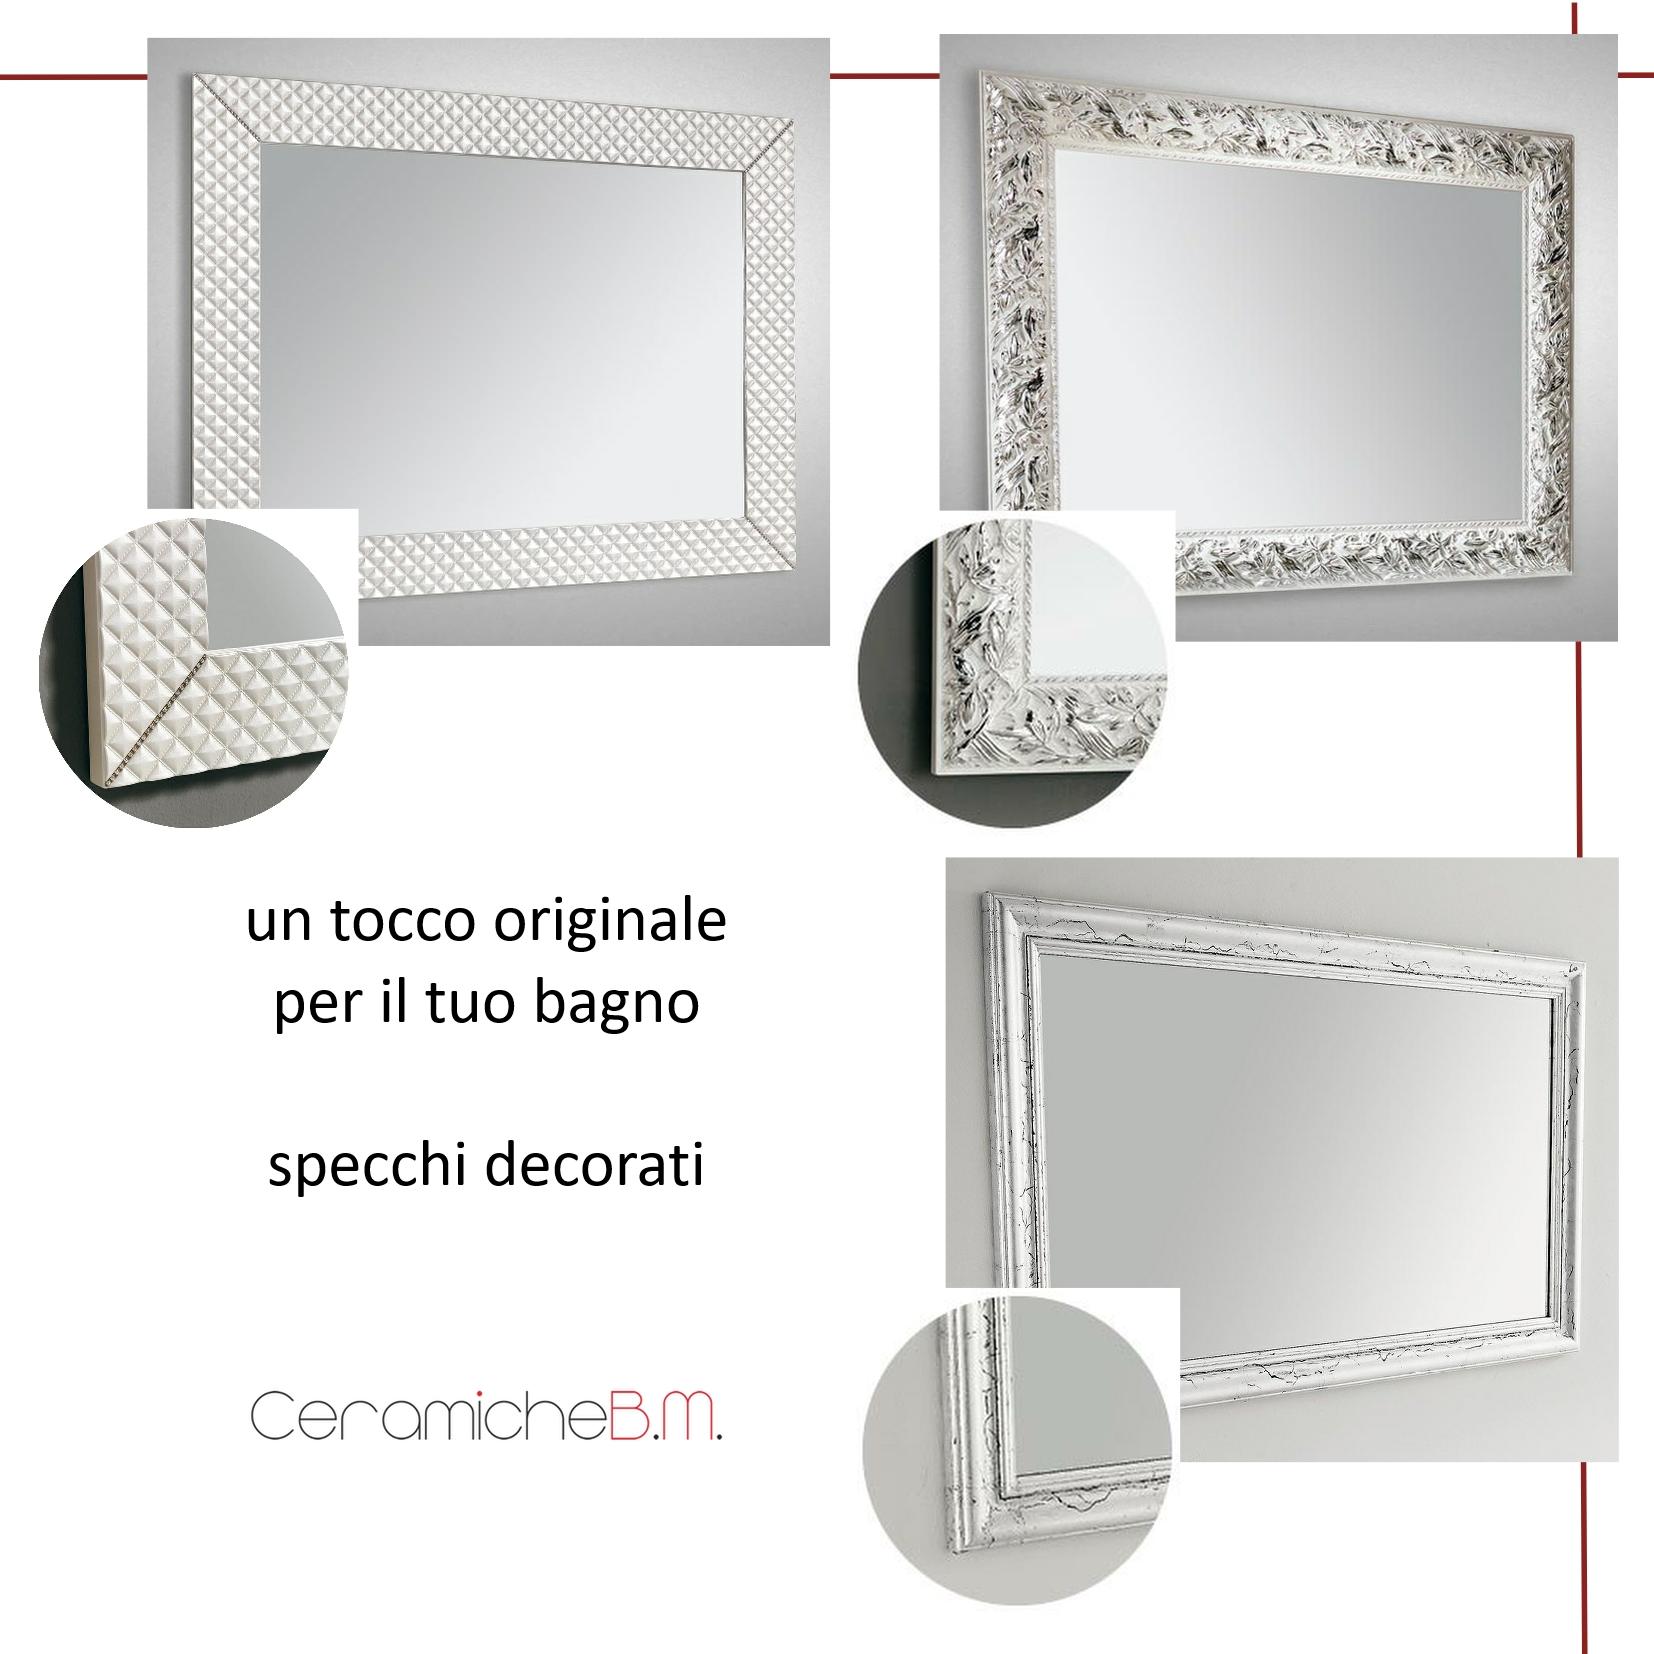 specchi_ceramichebm_ferrara